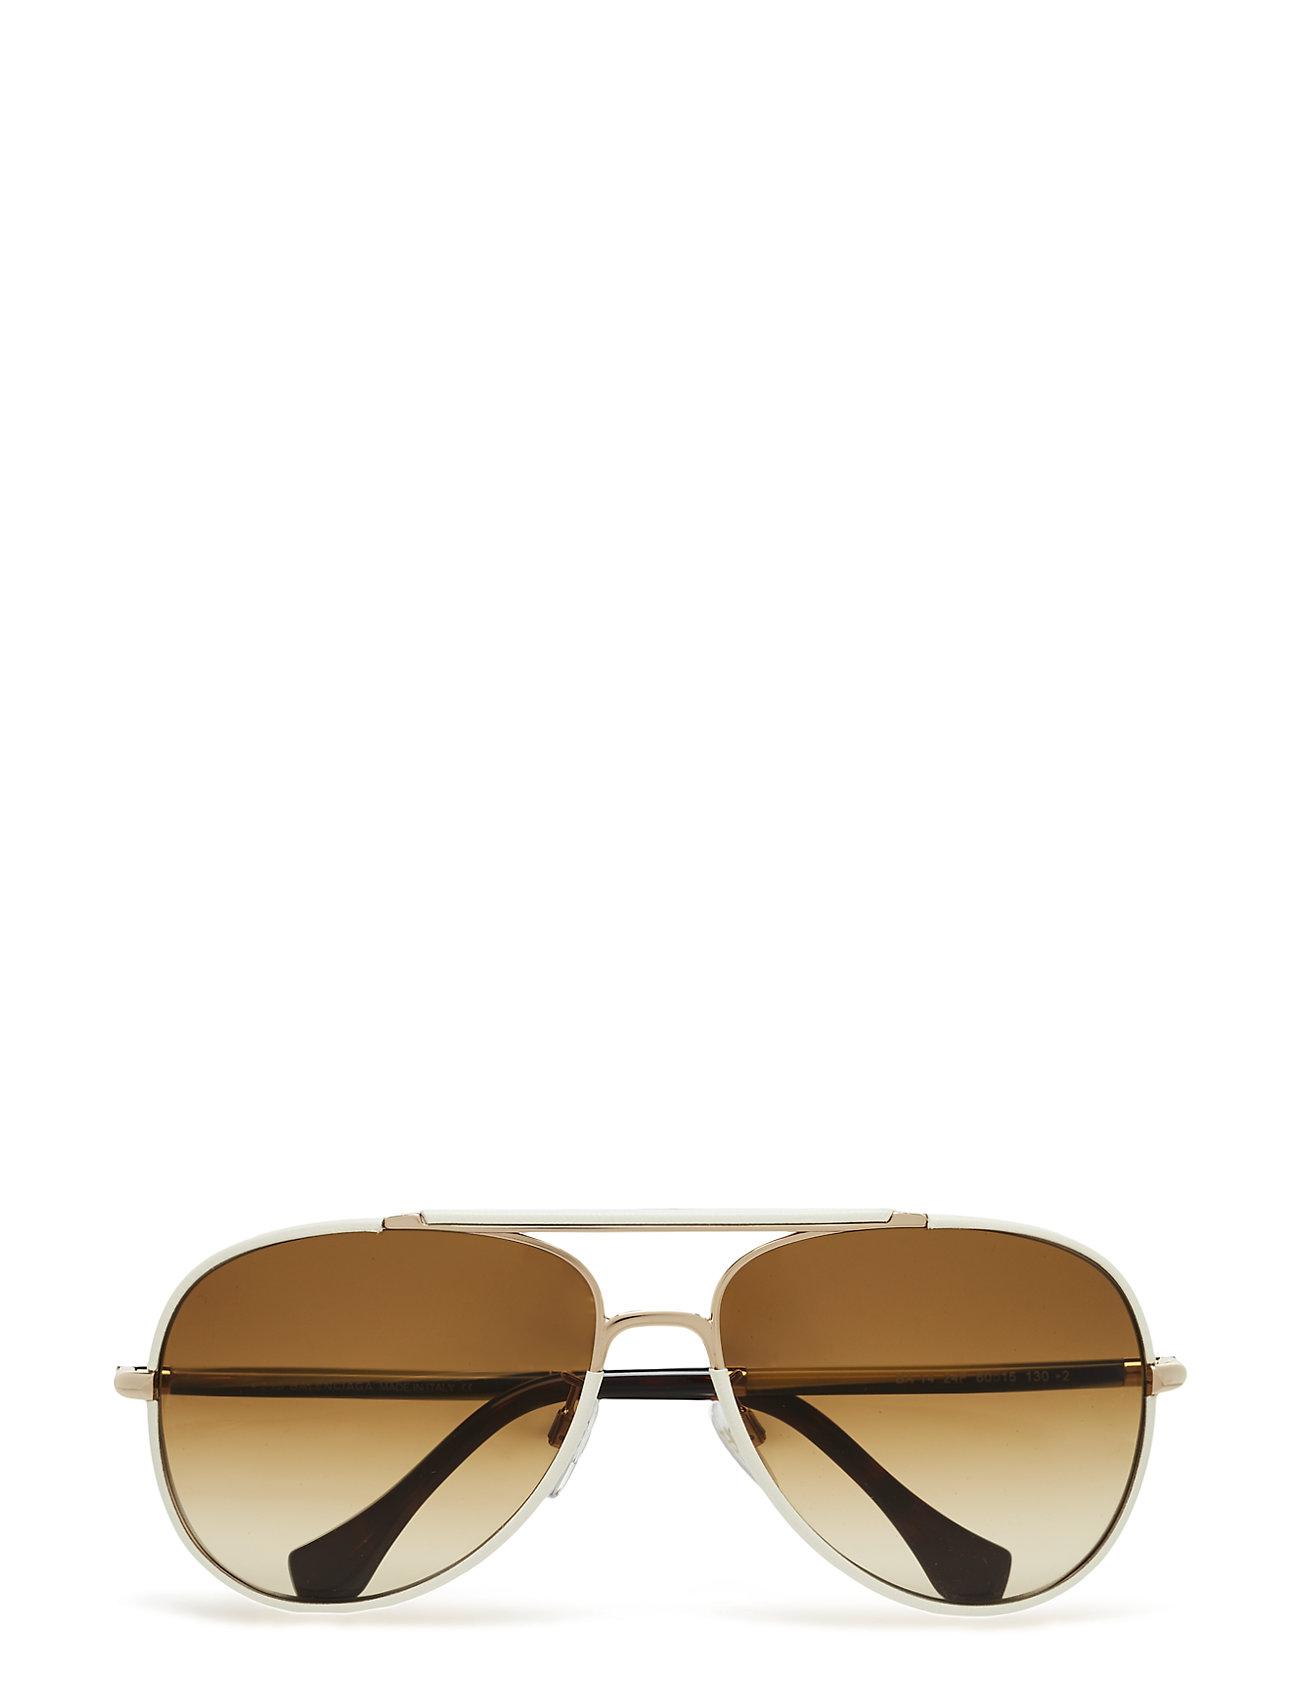 BALENCIAGA Ba0014 Pilotensonnenbrille Sonnenbrille Weiß BALENCIAGA SUNGLASSES